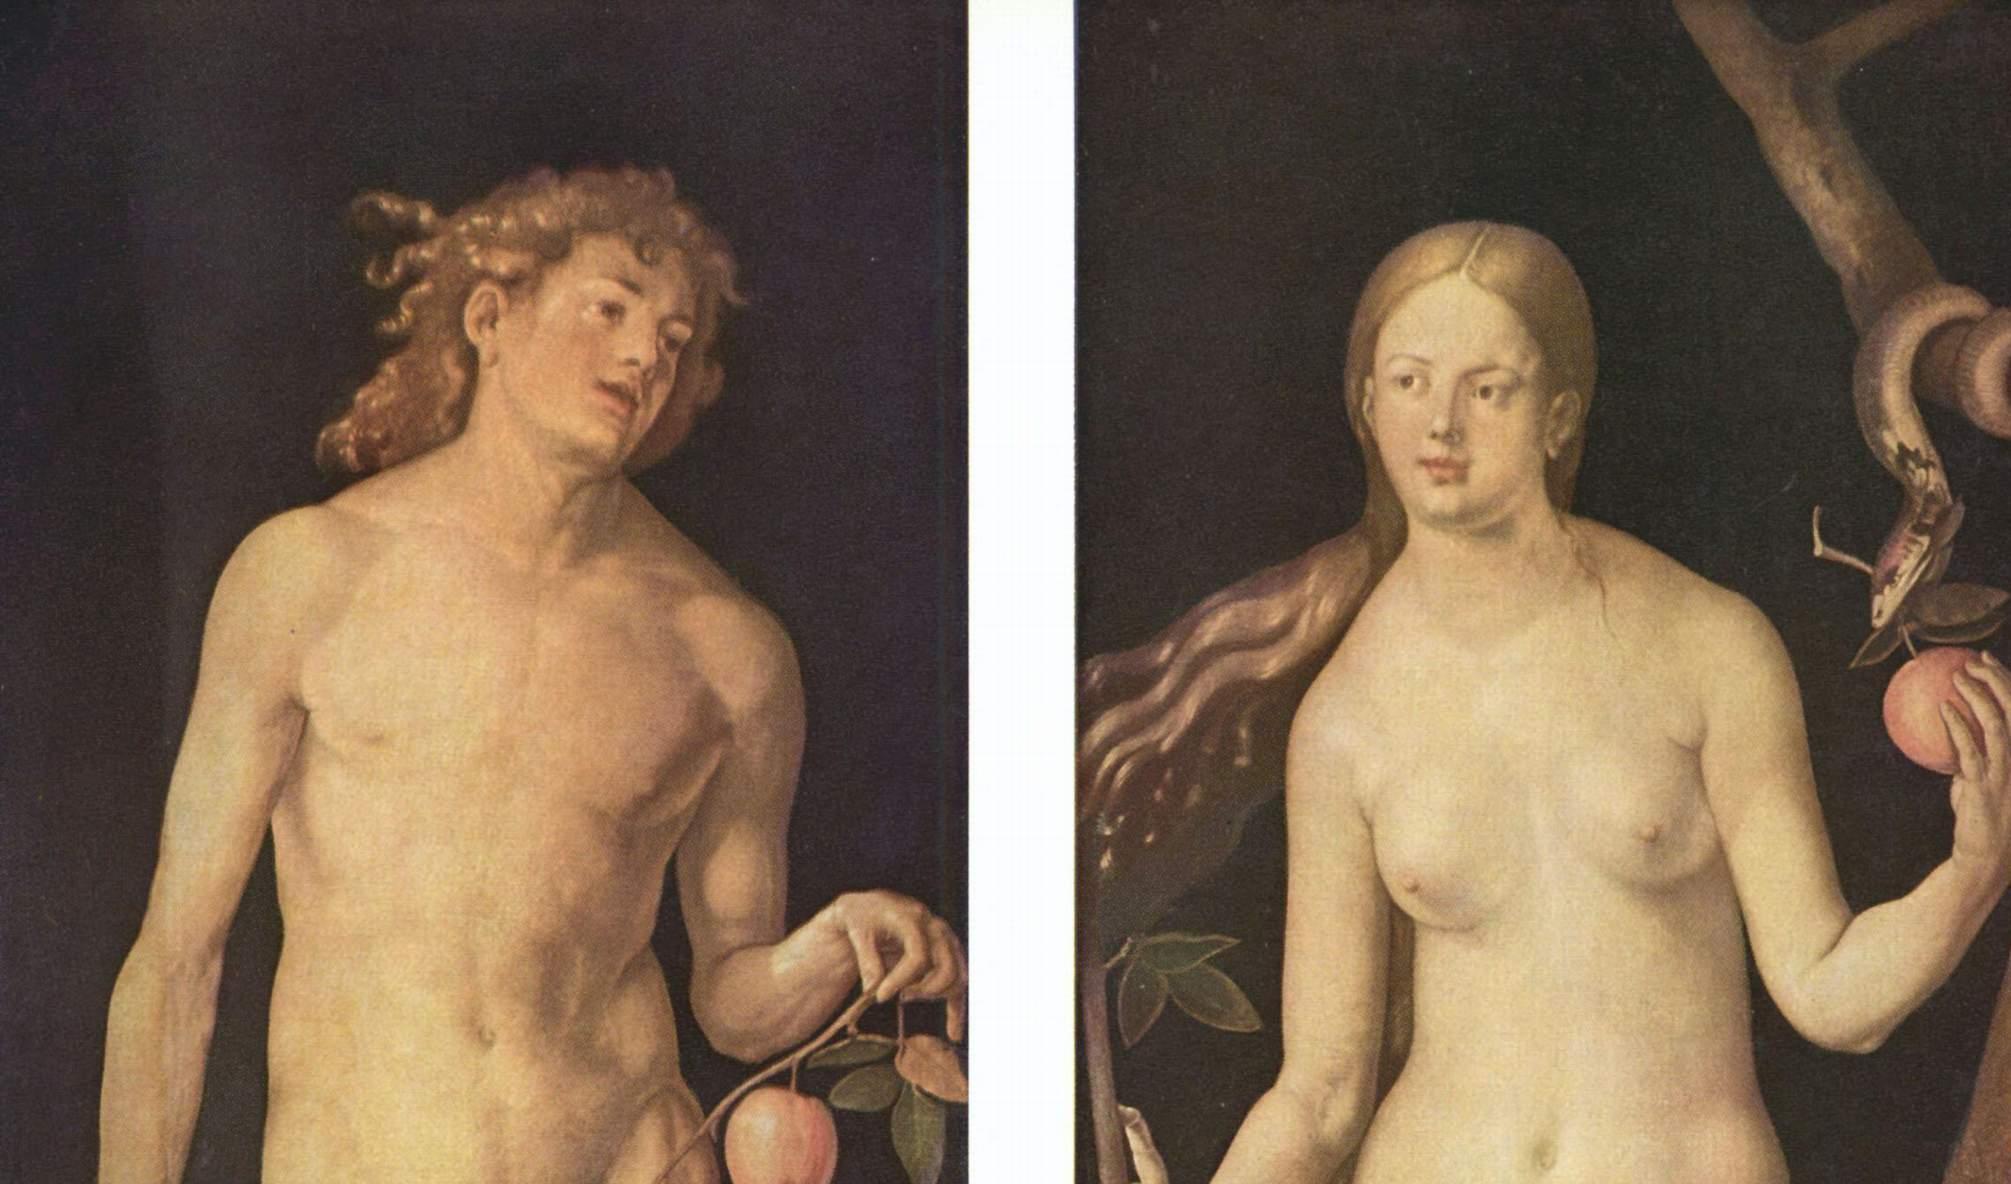 Ученый-генетик доказывает, что Адам и Ева действительно существовали